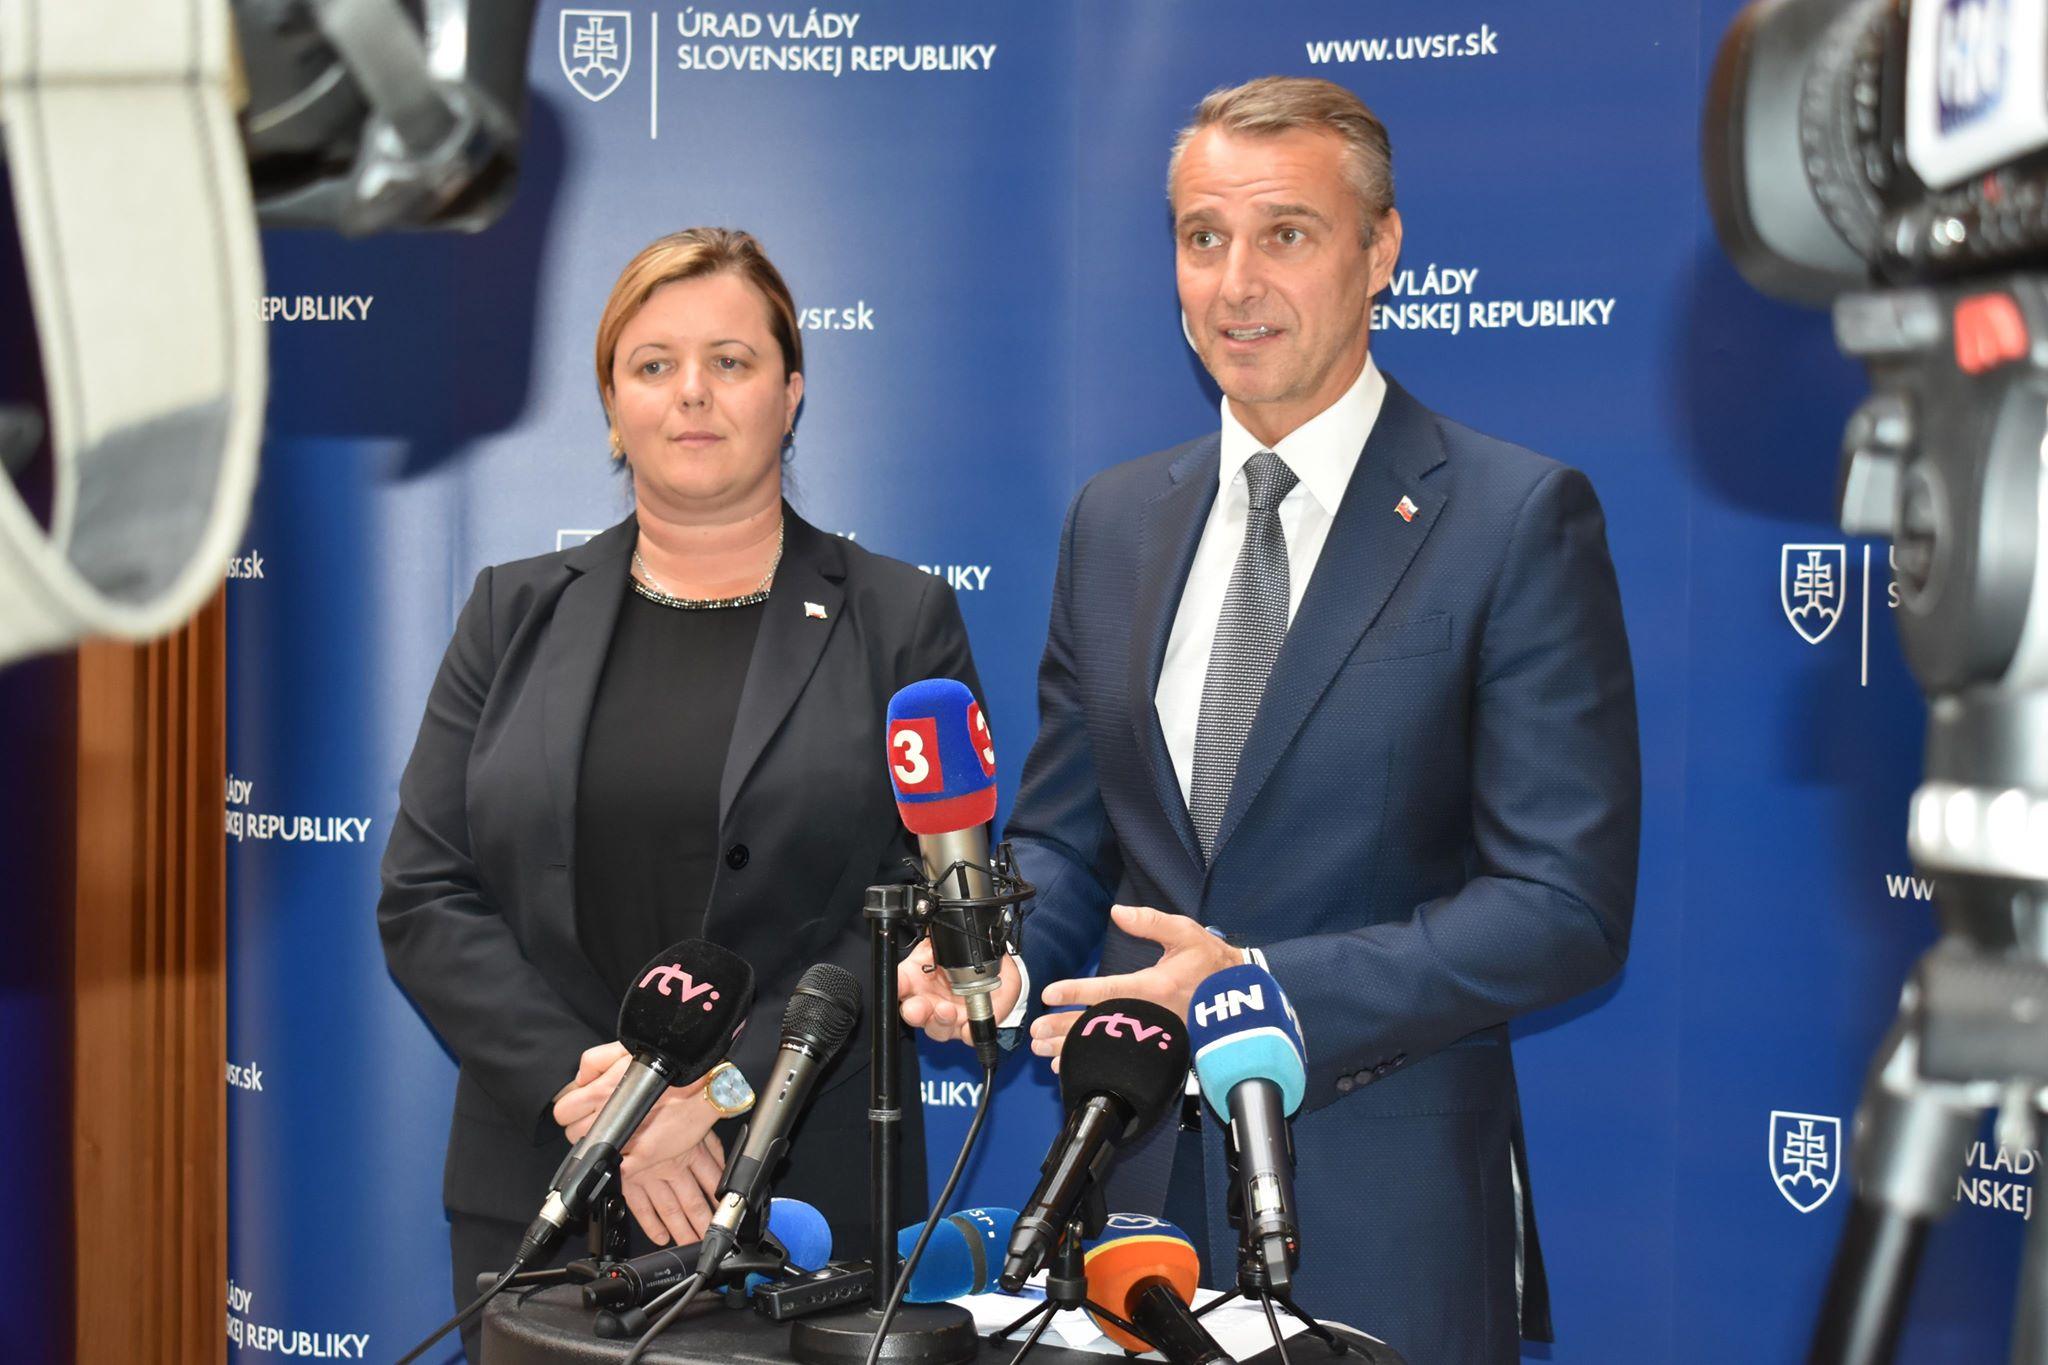 Vláda schválila návrh R. Rašiho na vytvorenie slovenskej inovačnej diplomacie